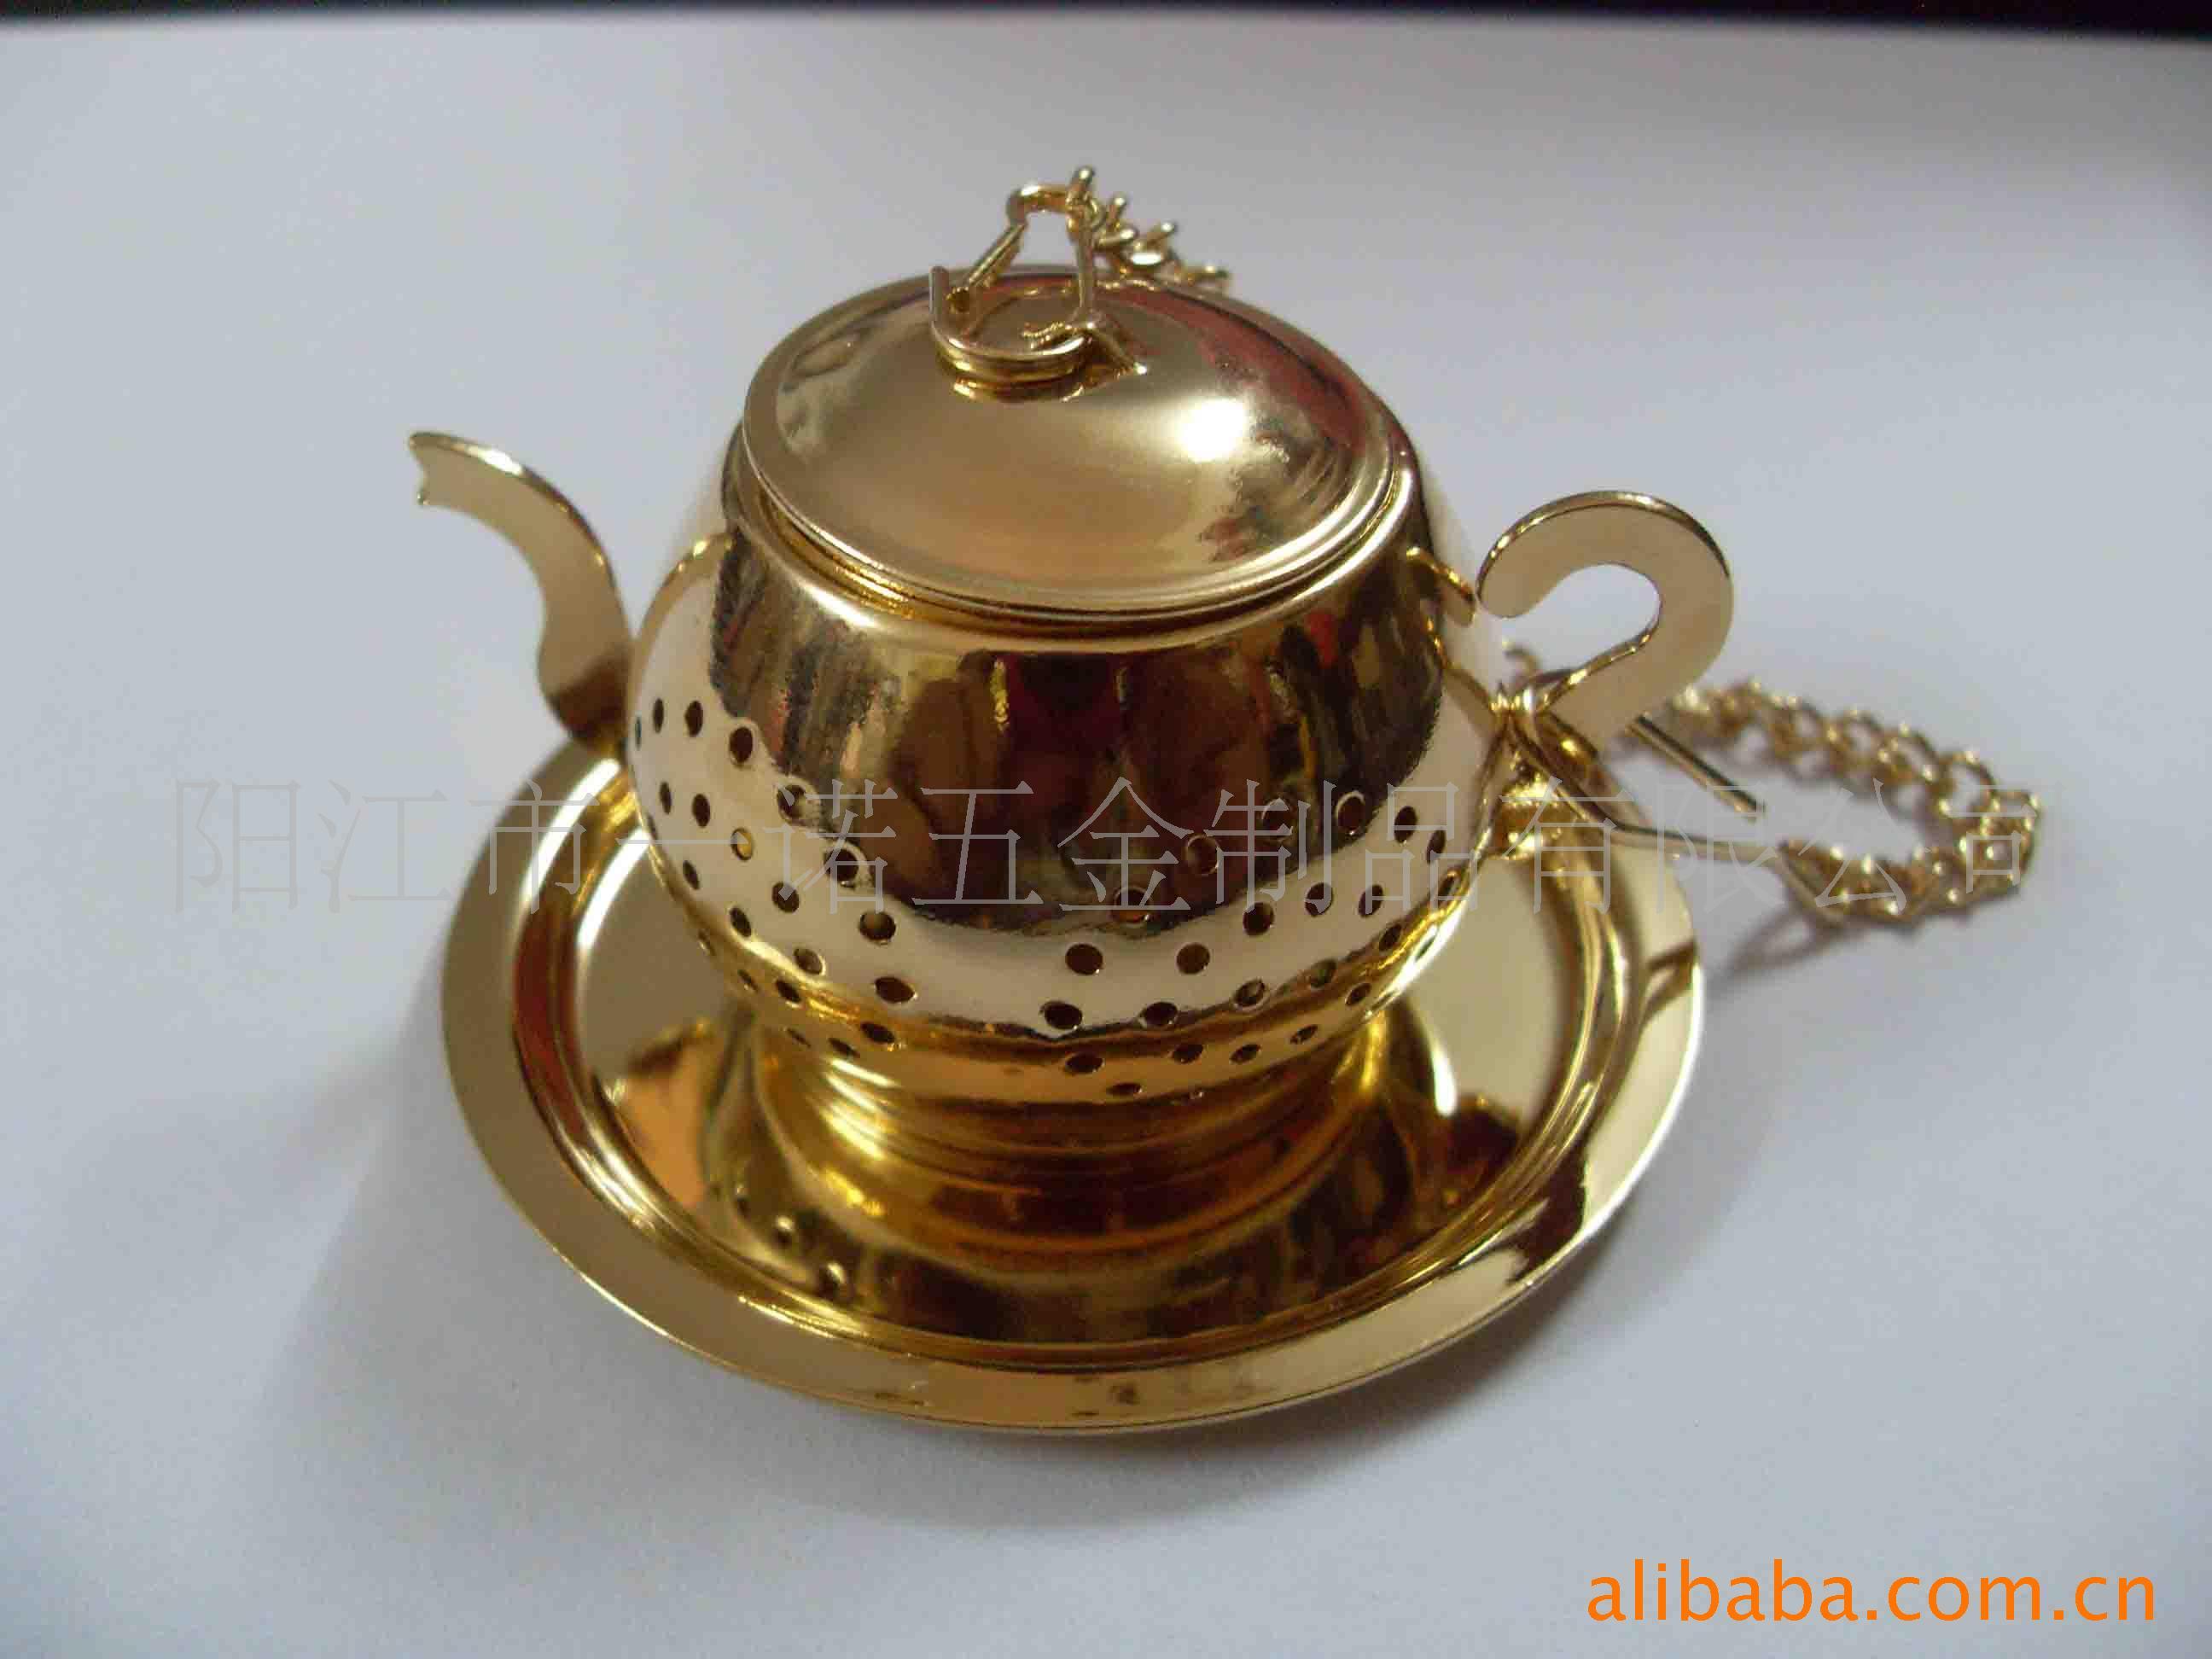 供应D-022P镀金茶球,茶隔,茶叶过滤网茶隔茶具